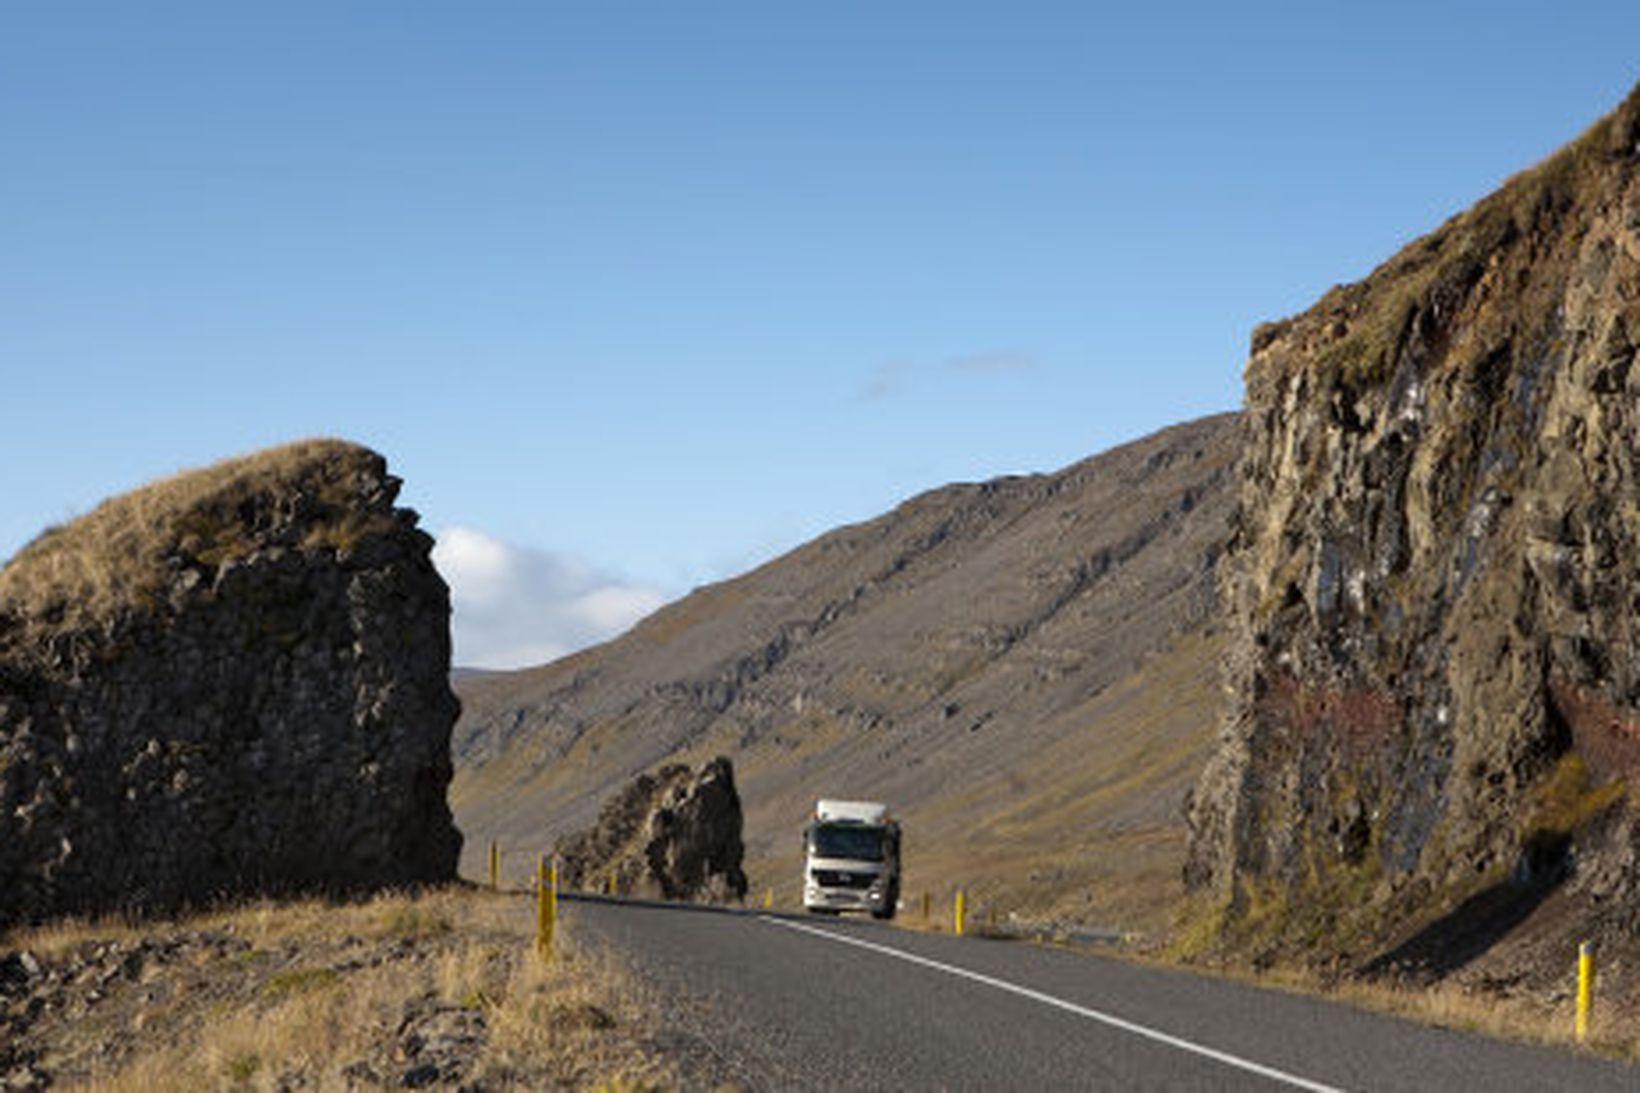 """Gestir Patreksfjarðar verða boðnir velkomnir í """"Þorpið""""."""